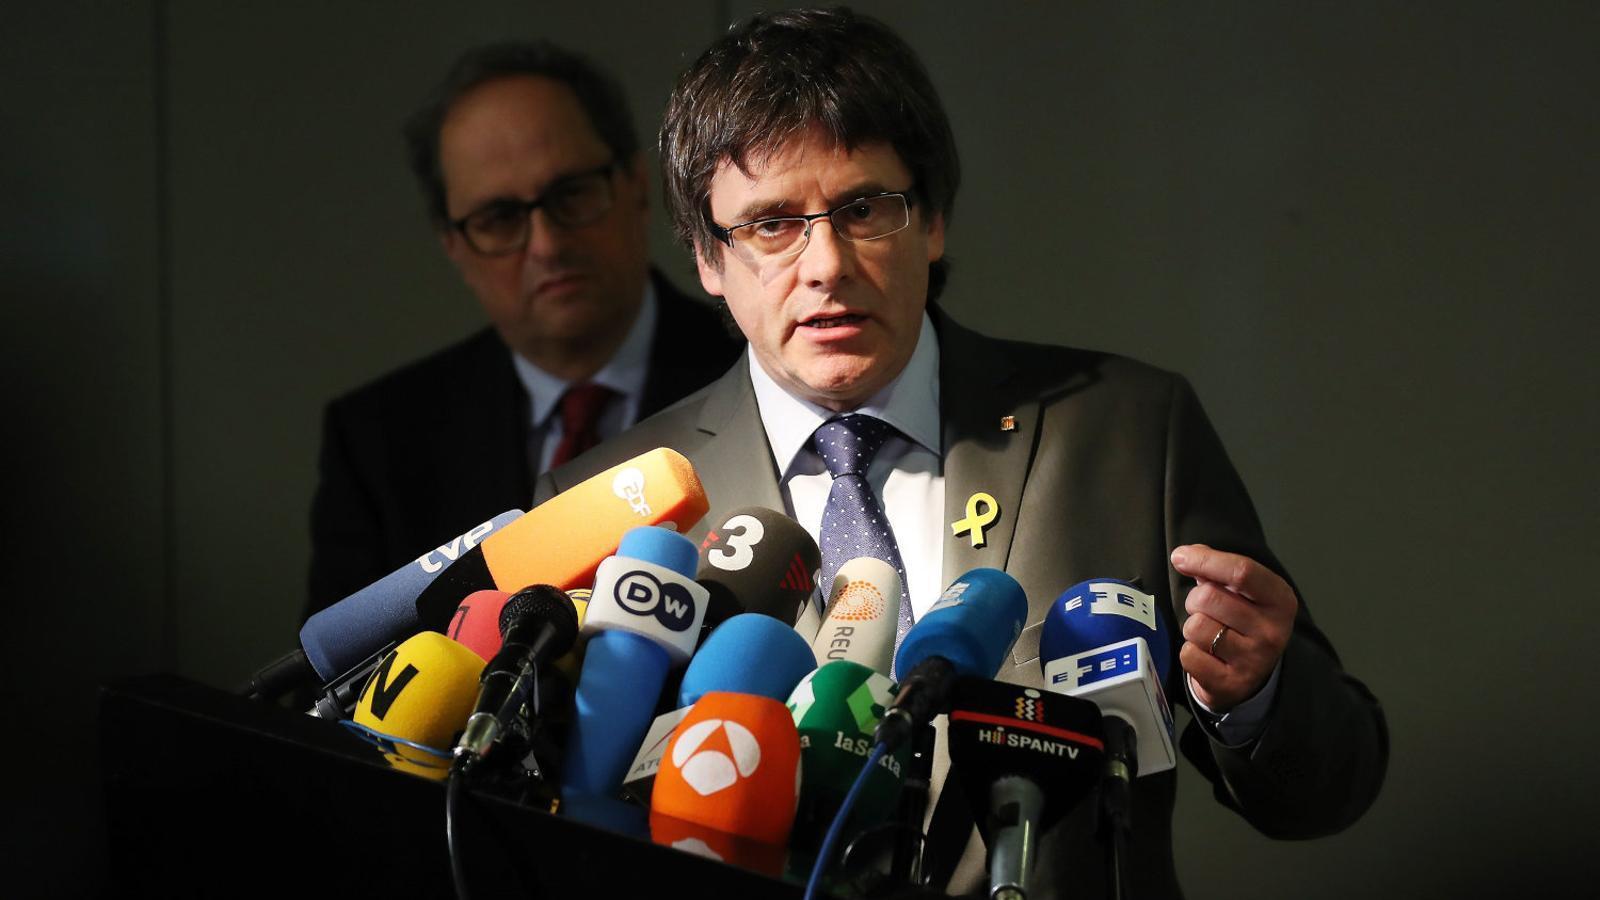 Carles Puigdemont i Quim Torra van protagonitzar una roda de premsa conjunta el 15 de maig a Berlín.